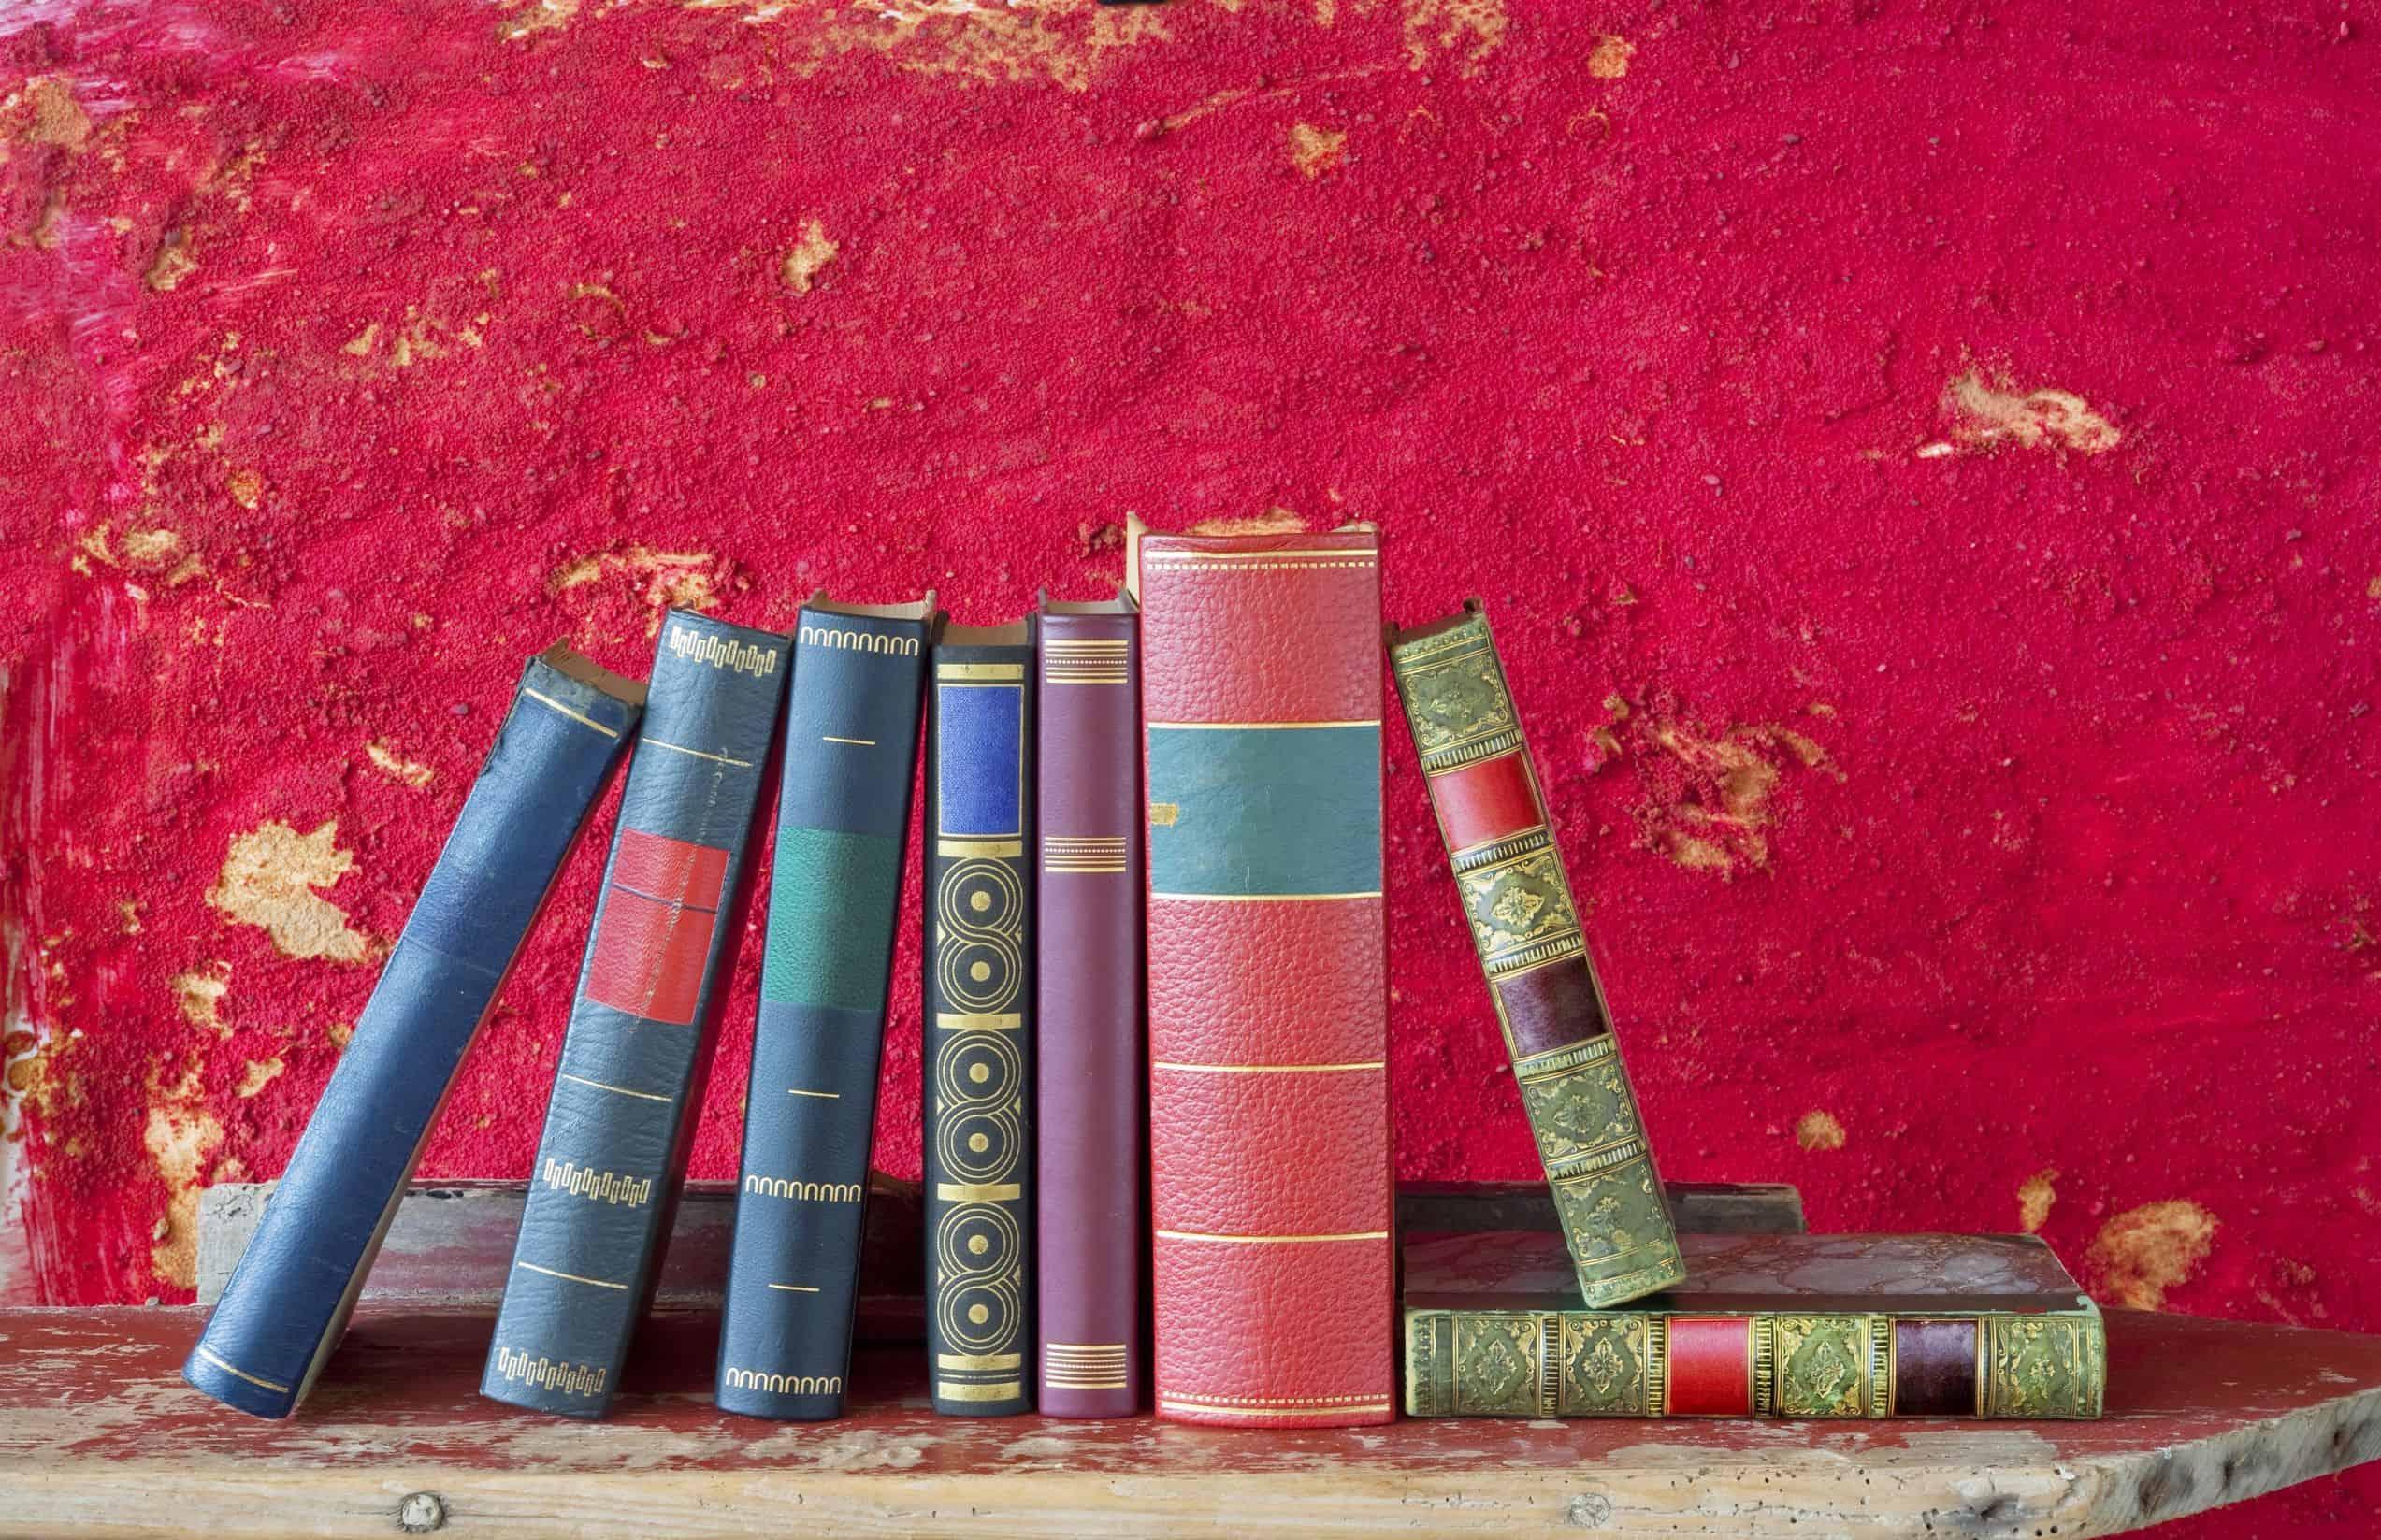 Libros juveniles: ¿Cuál es el mejor del 2020?